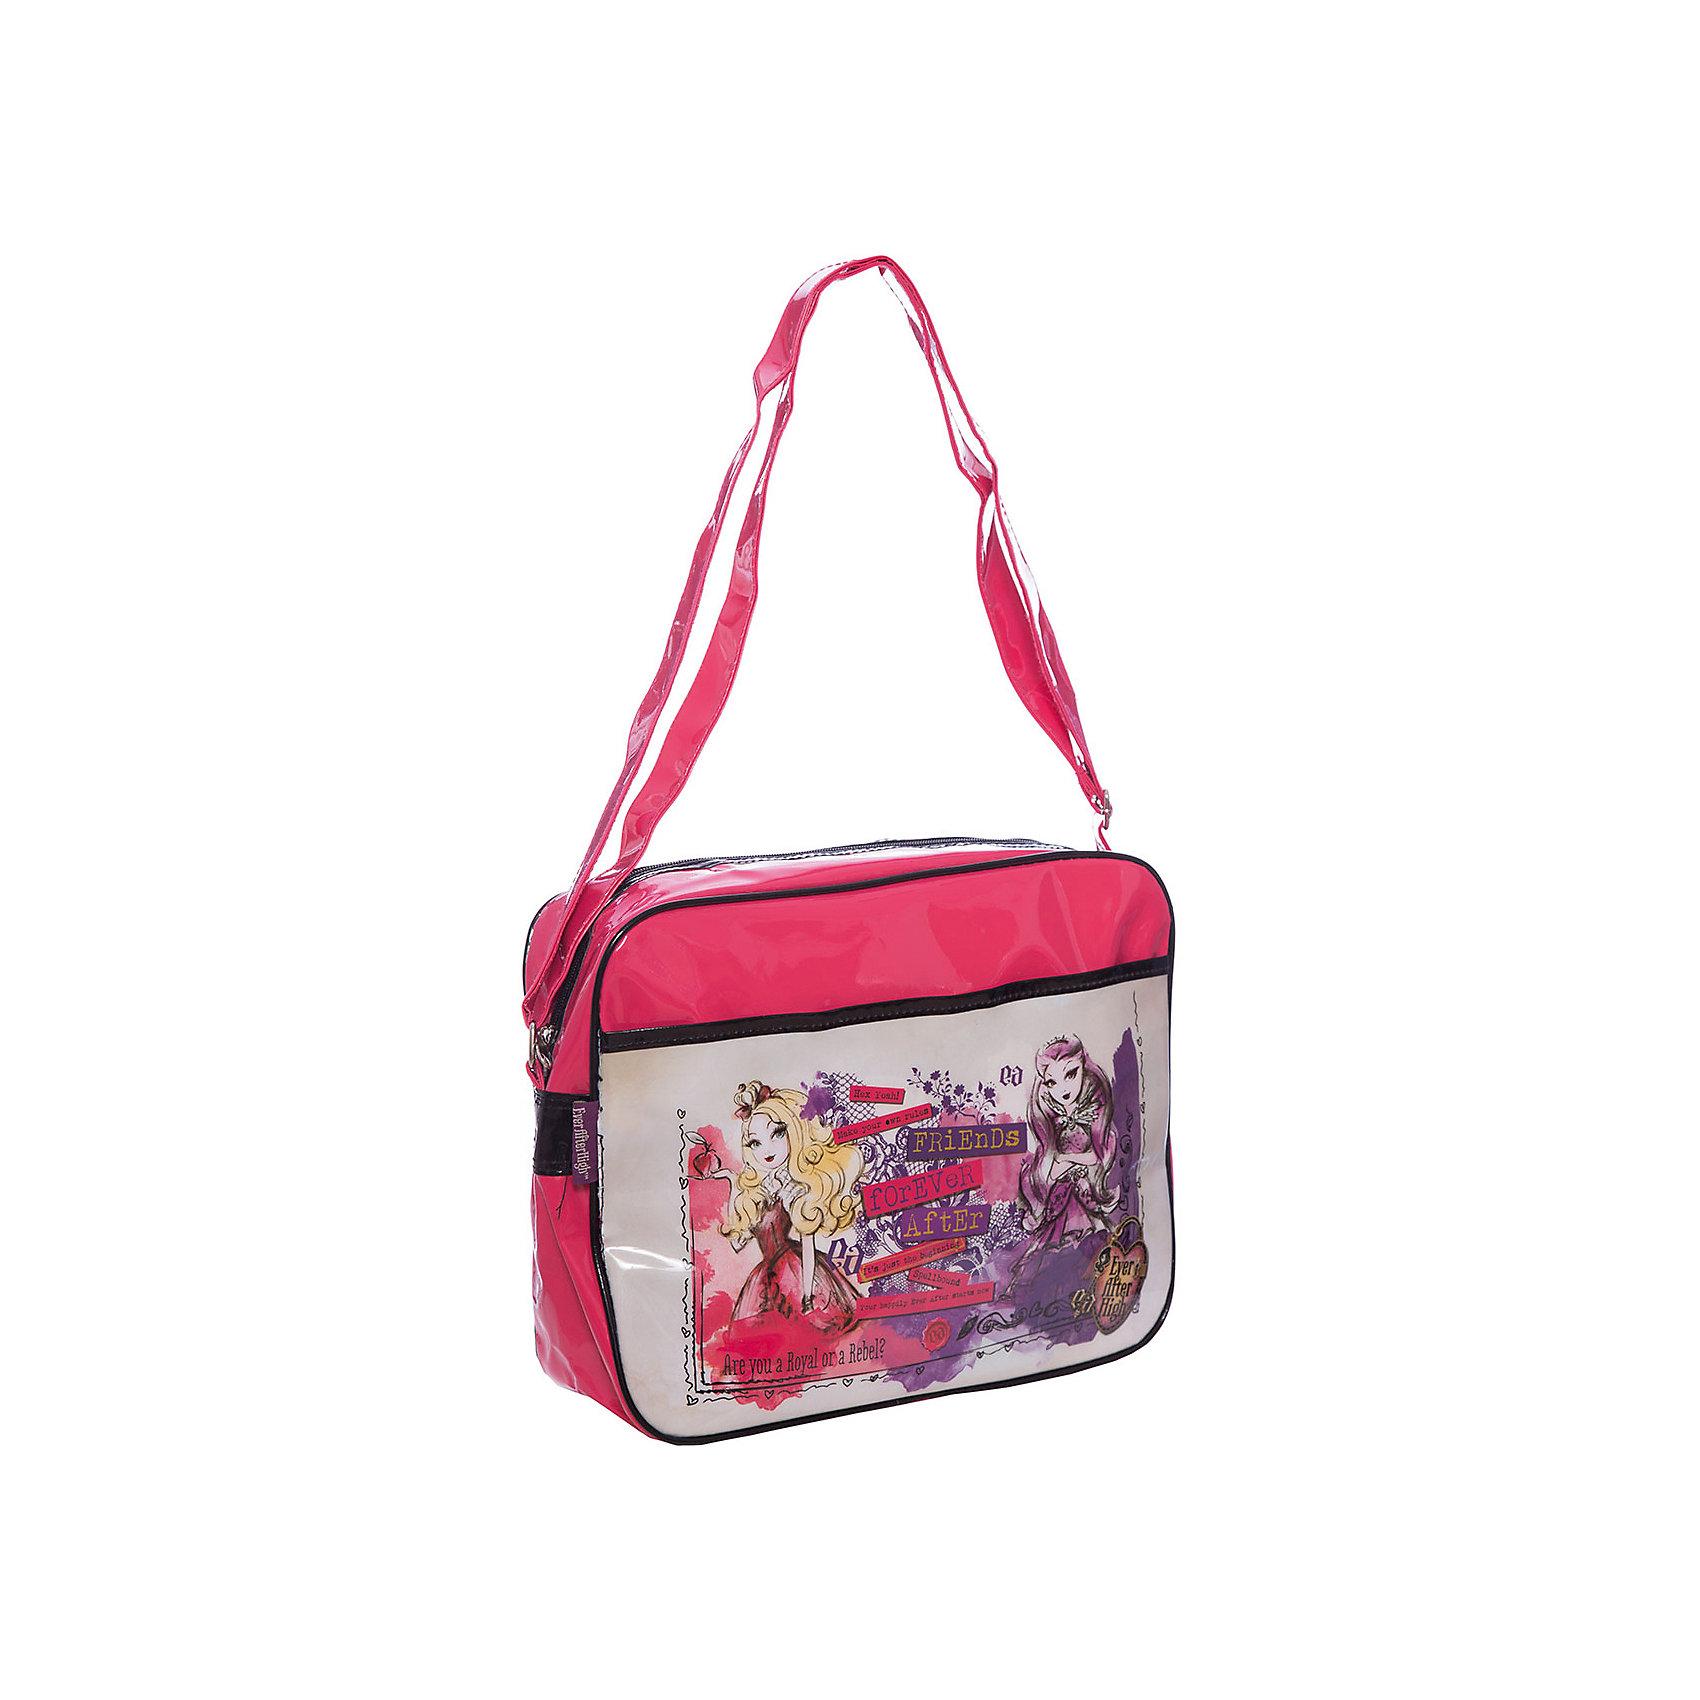 Сумка Lucky bag, Ever After High, Mattel,Школьные сумки<br>Характеристики товара:<br><br>• тип: сумка через плечо<br>• цвет: малиновый<br>• материал: полиэстер<br>• вид застежки: молния<br>• фактура материала: текстильный<br>• размеры : 32х26х8,5 см<br>• количество отсеков: 1 шт.<br>• карманы: внутренний открытый<br>• сезон: круглогодичный<br>• пол: для девочки<br>• страна бренда: США<br>• страна производитель: Китай<br><br>Сумка Lucky bag Mattel Ever After High отделение на молнии, передний карман, регулируемый плечевой ремень лаковая красная серия 26*32*8,5 см.<br><br>Сумку Lucky bag Mattel Ever After High можно купить в нашем интернет-магазине.<br><br>Ширина мм: 380<br>Глубина мм: 400<br>Высота мм: 280<br>Вес г: 320<br>Возраст от месяцев: 48<br>Возраст до месяцев: 96<br>Пол: Женский<br>Возраст: Детский<br>SKU: 5475519